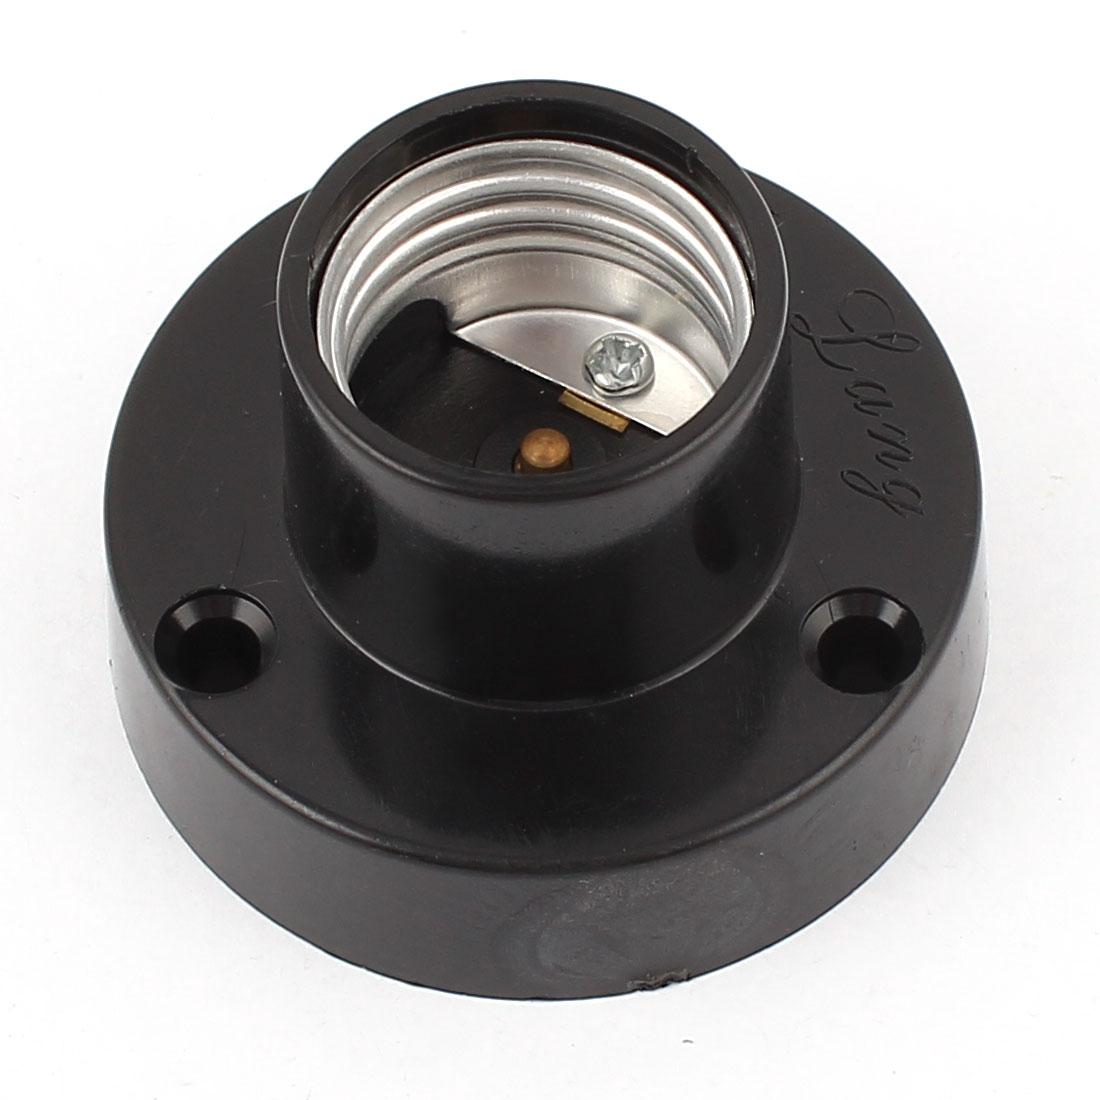 E27 Bulb Base Light Screw Lamp Socket Adapter Converter AC 110V-220V